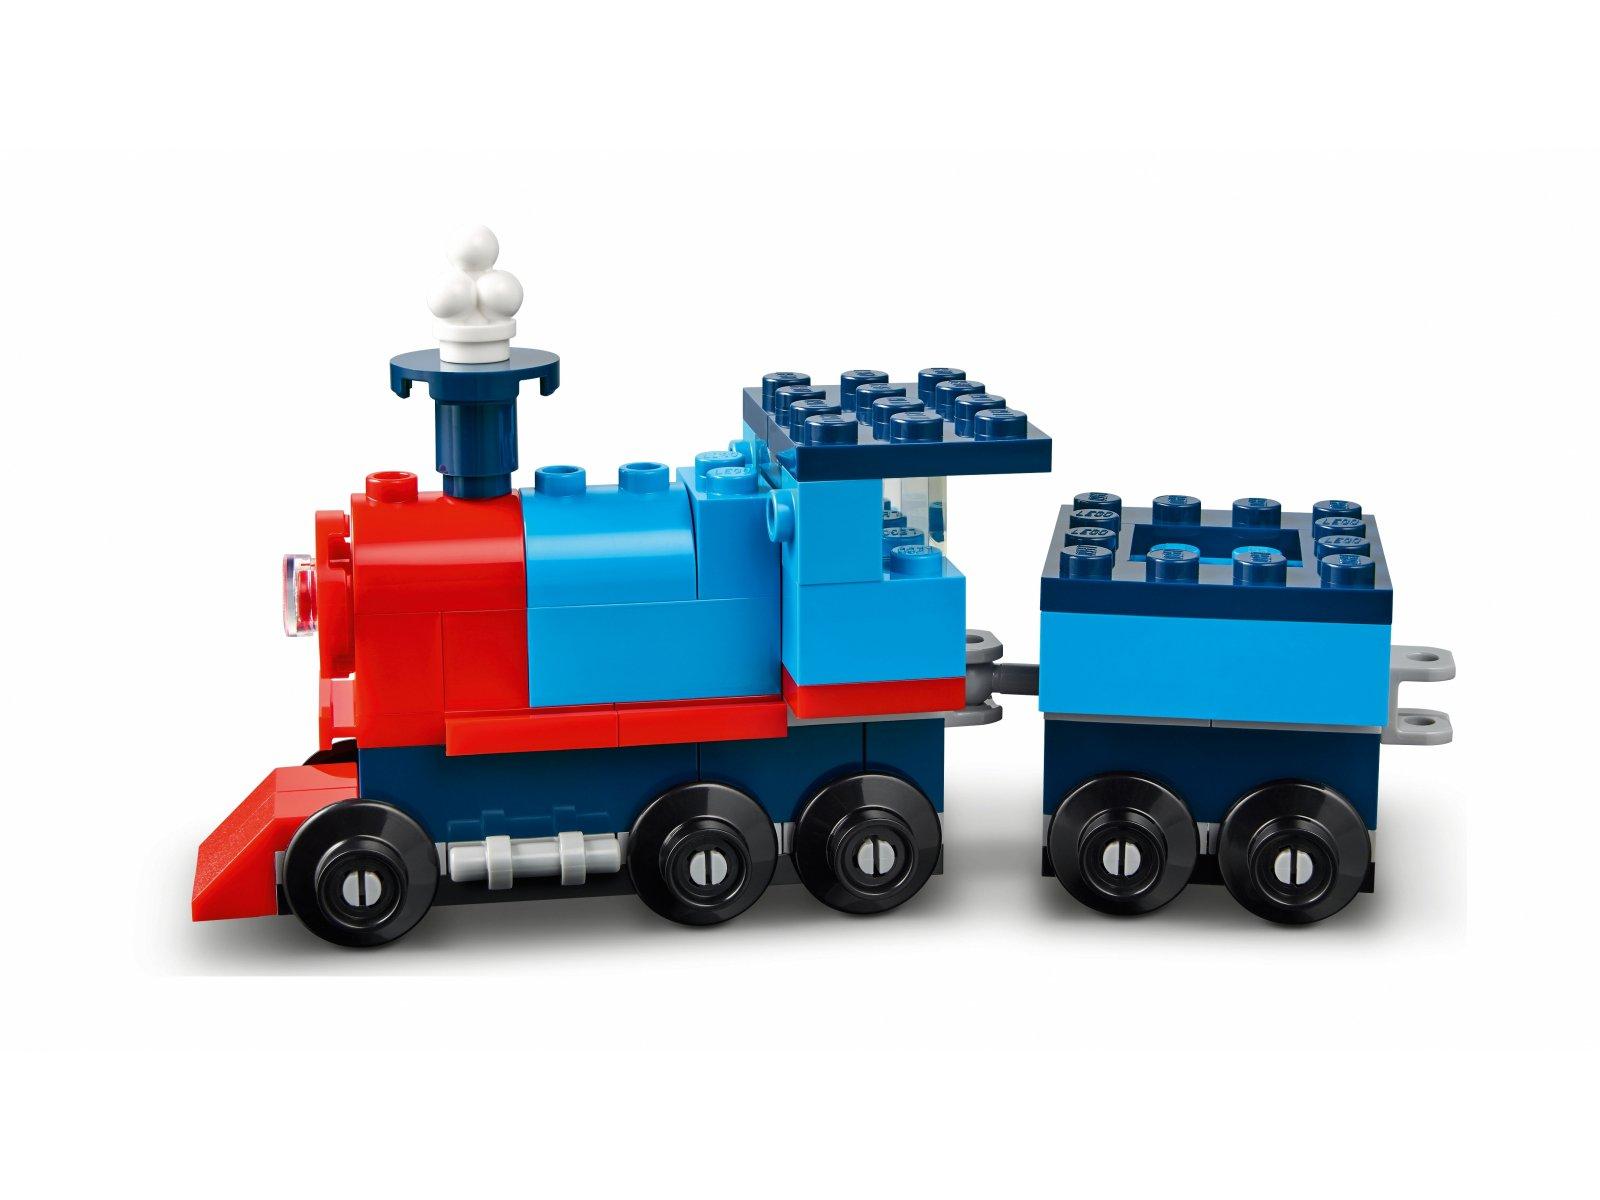 LEGO Classic Klocki na kołach 11014